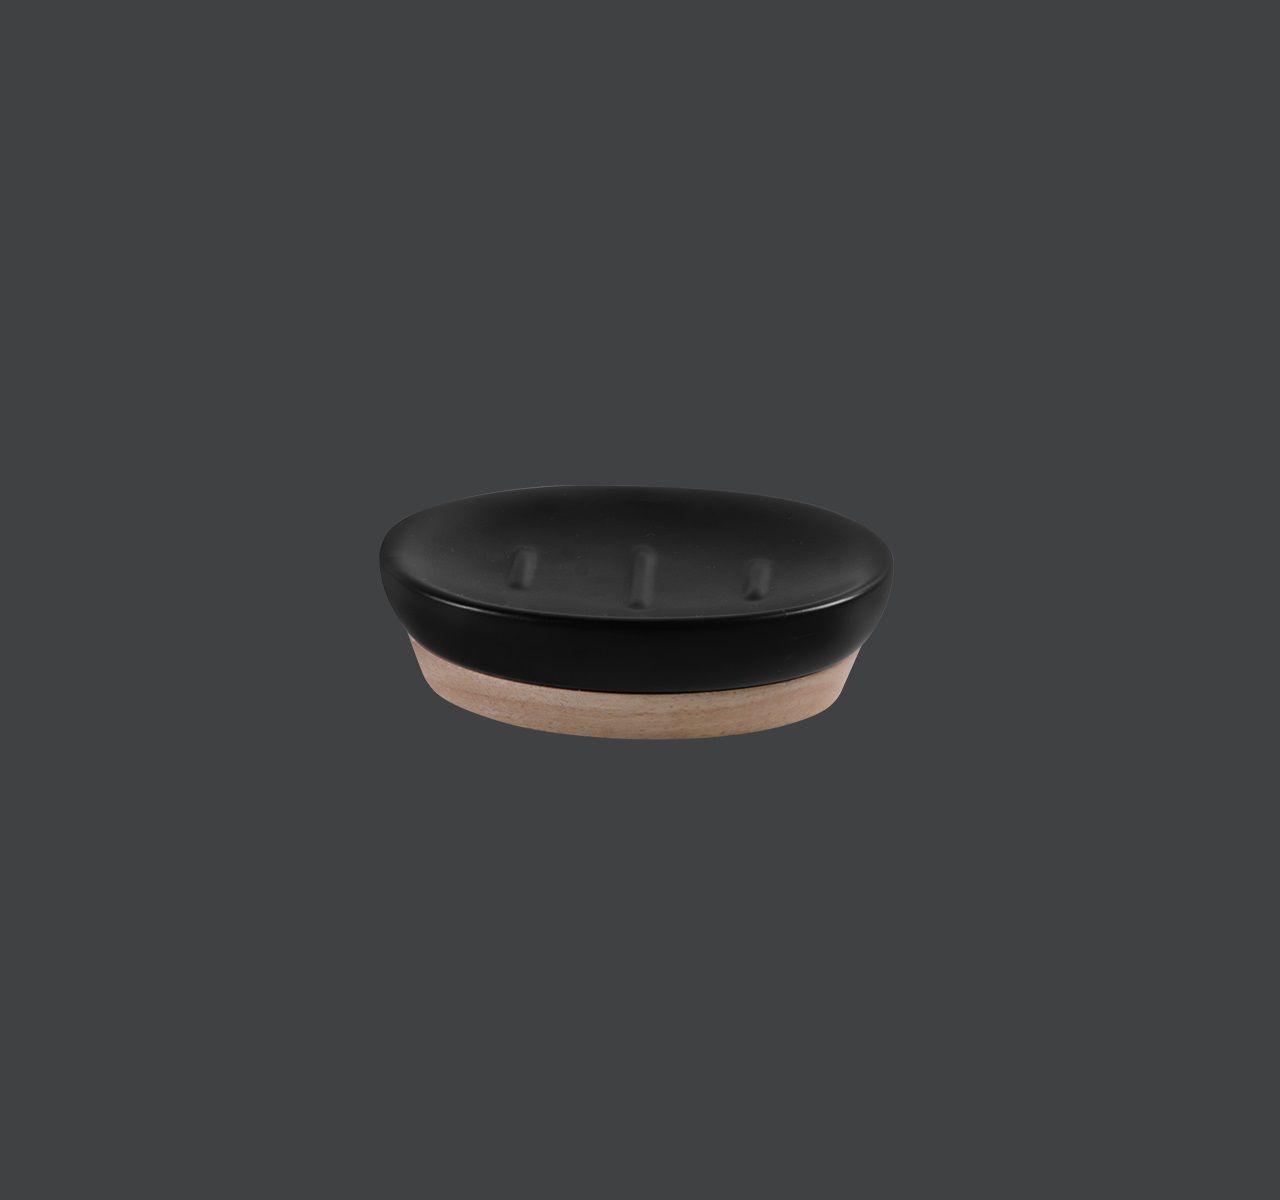 Saboneteira de Cerâmica e Madeira - KBCM/SB